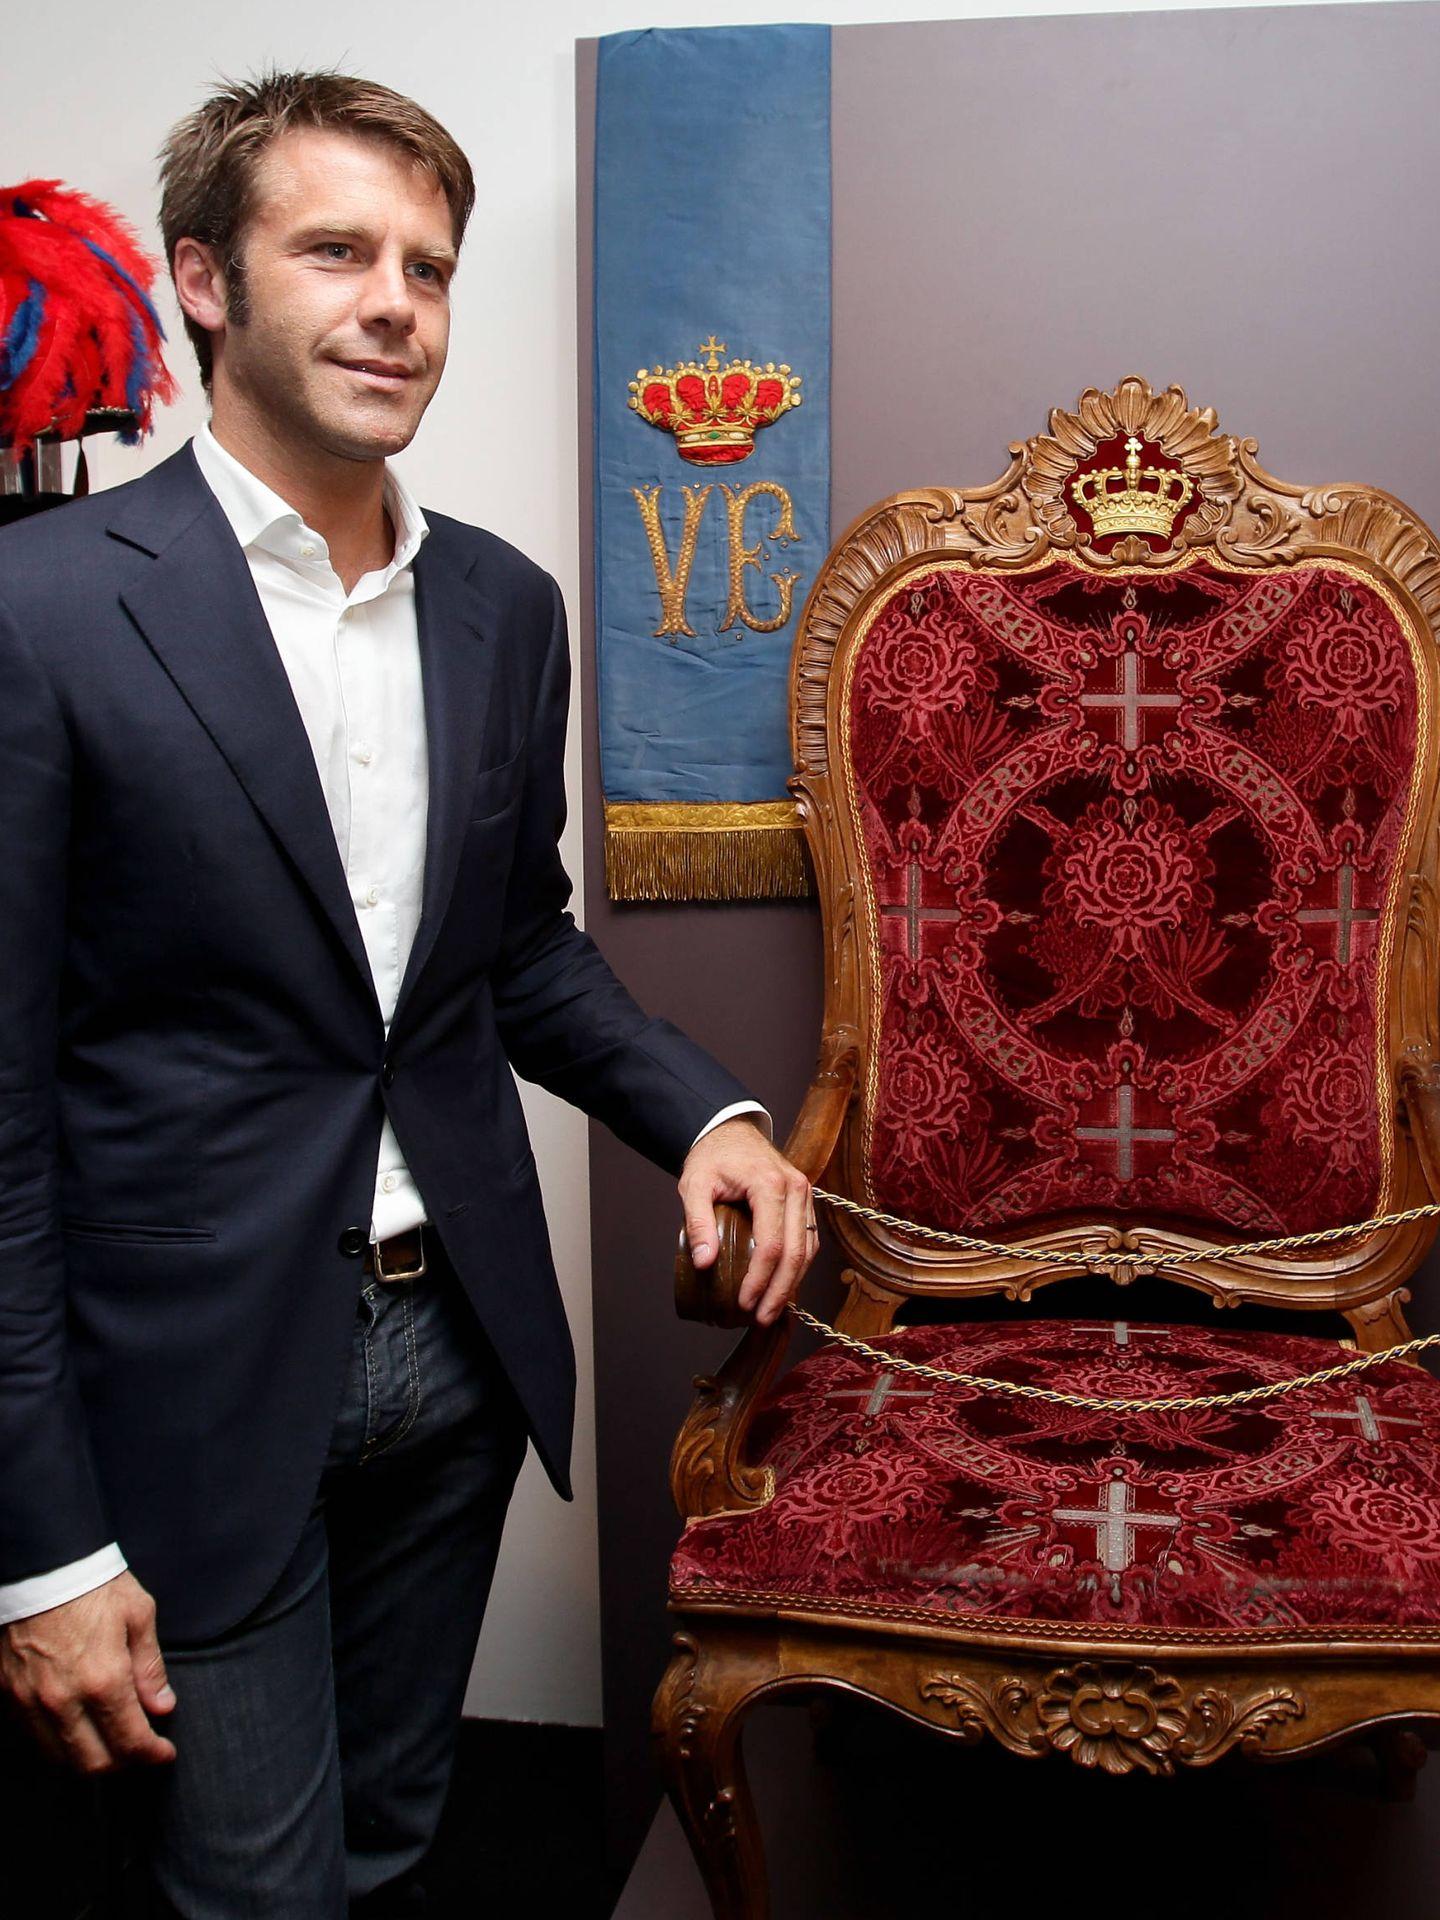 Emanuele Filiberto en la apertura de la exposición 'Casa Savoia'. (Getty)